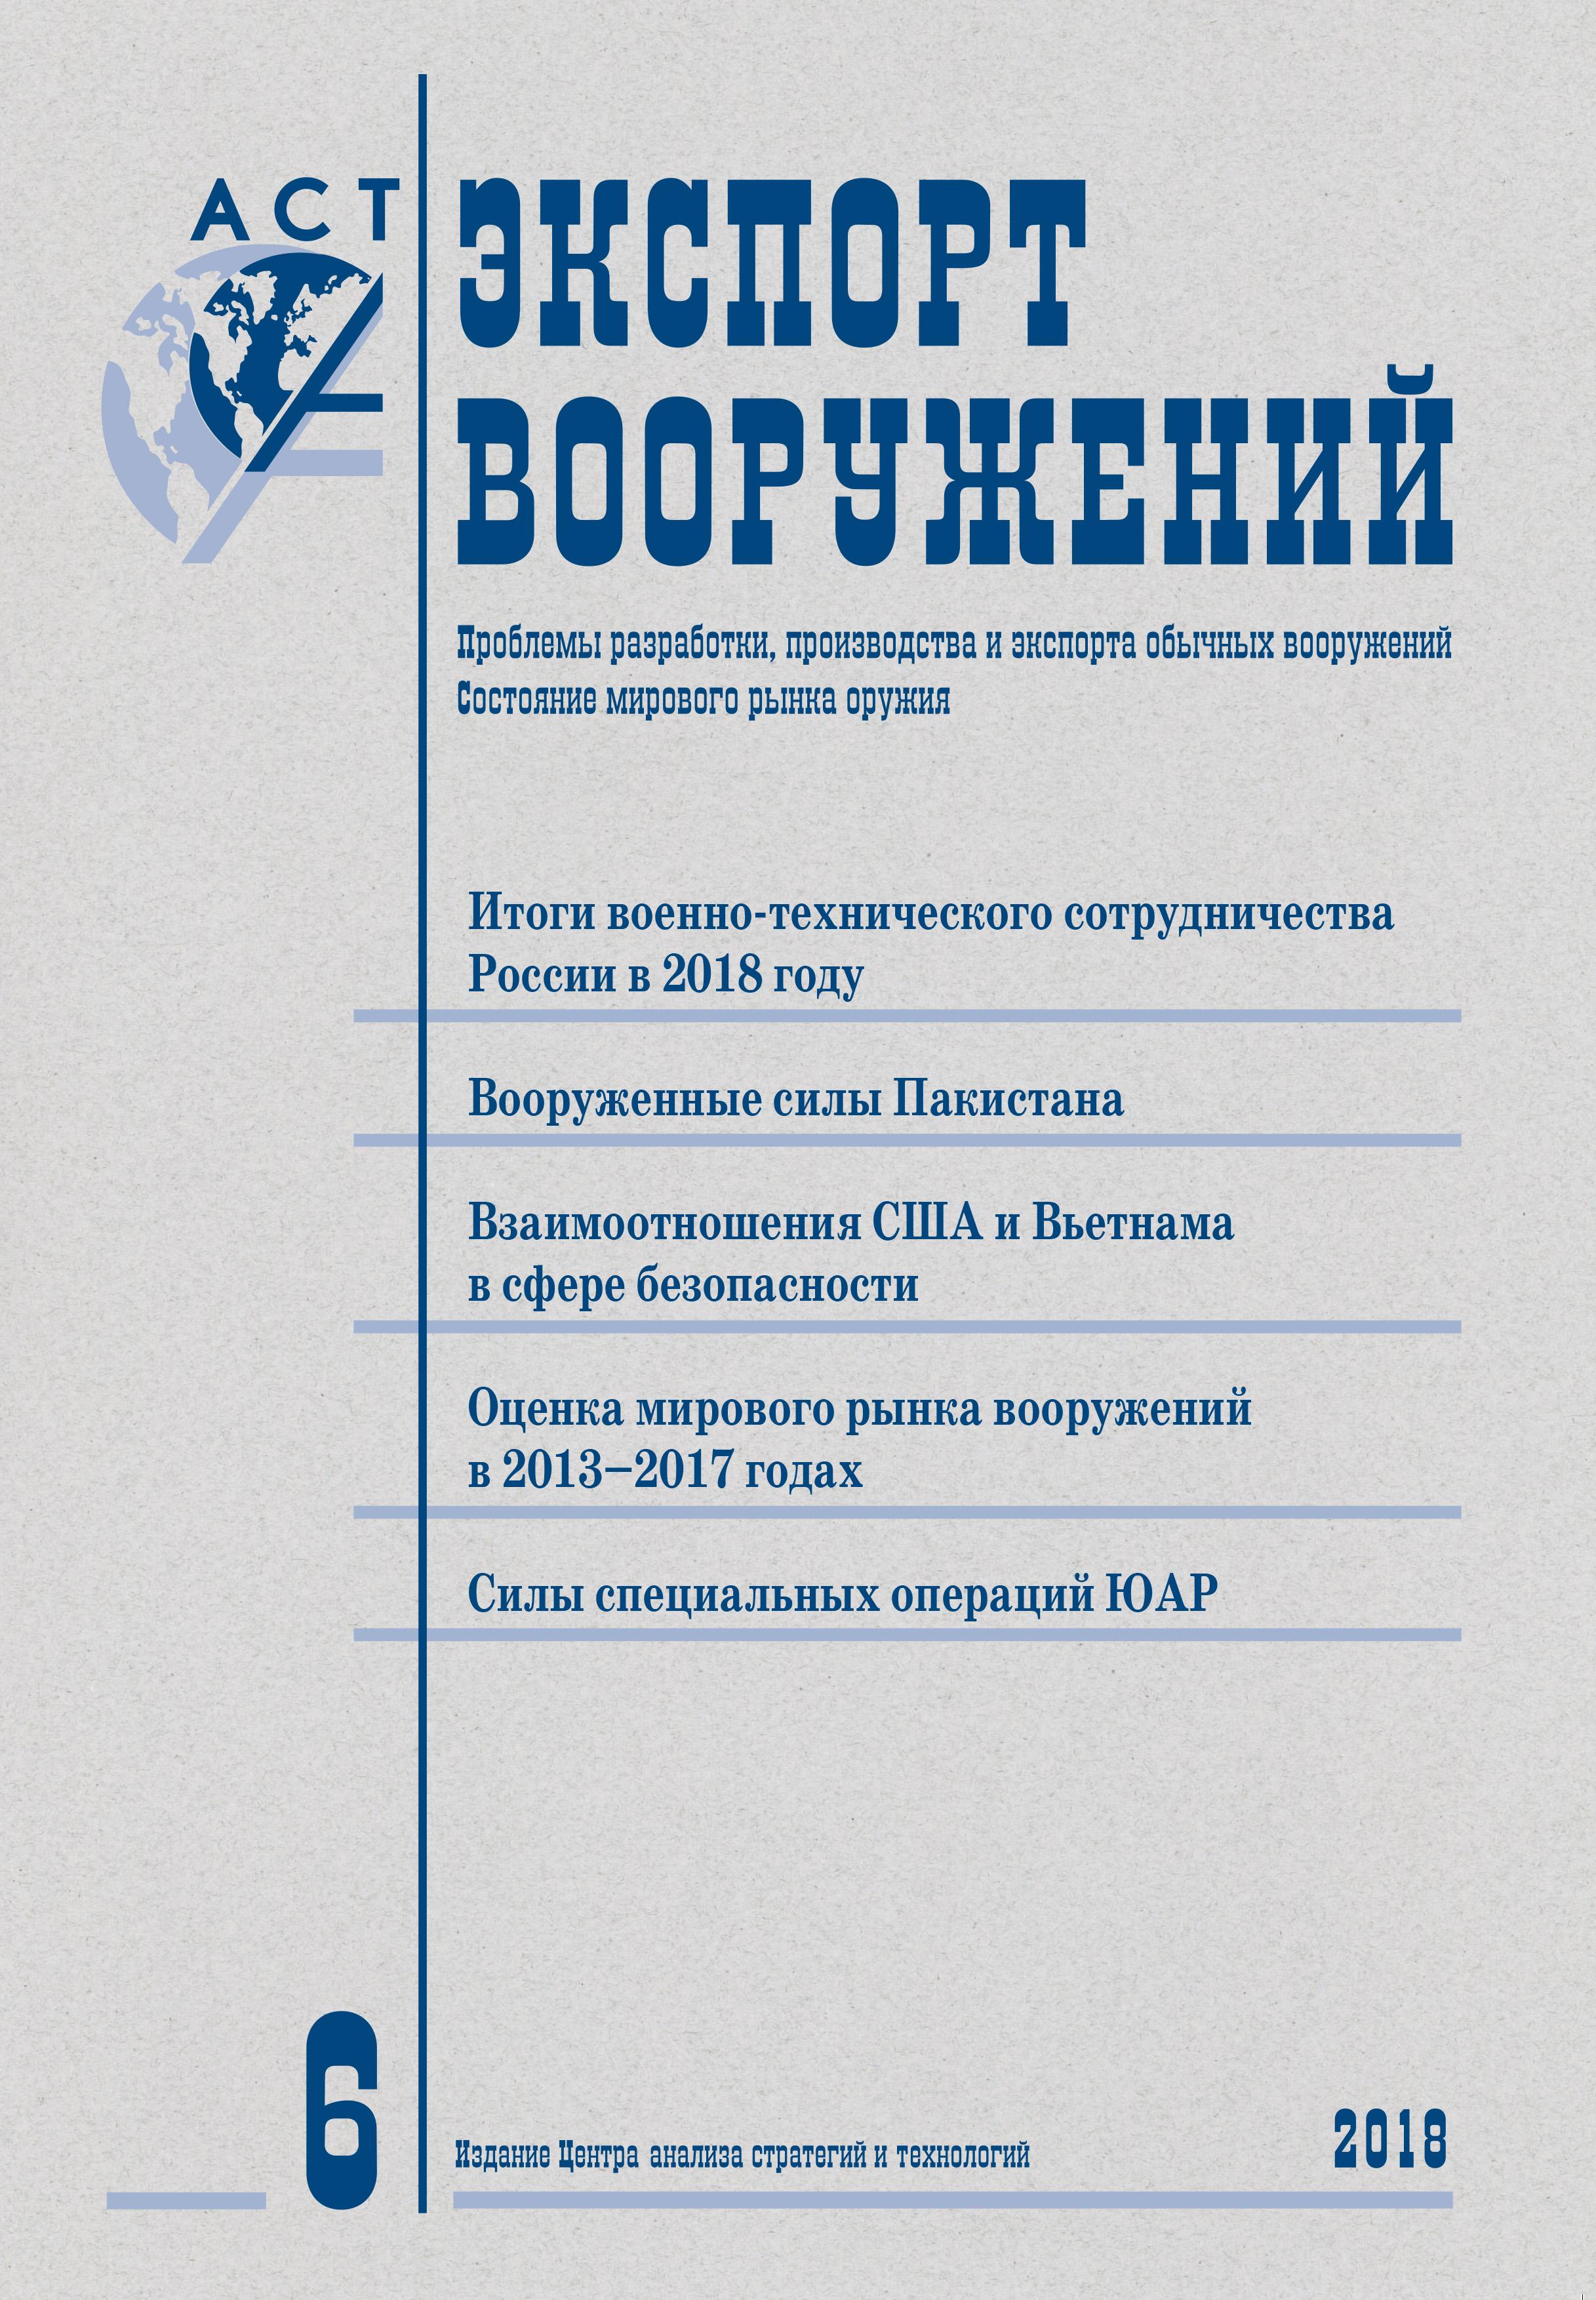 """Из печати вышел шестой номер журнала """"Экспорт вооружений"""" за 2018 год"""